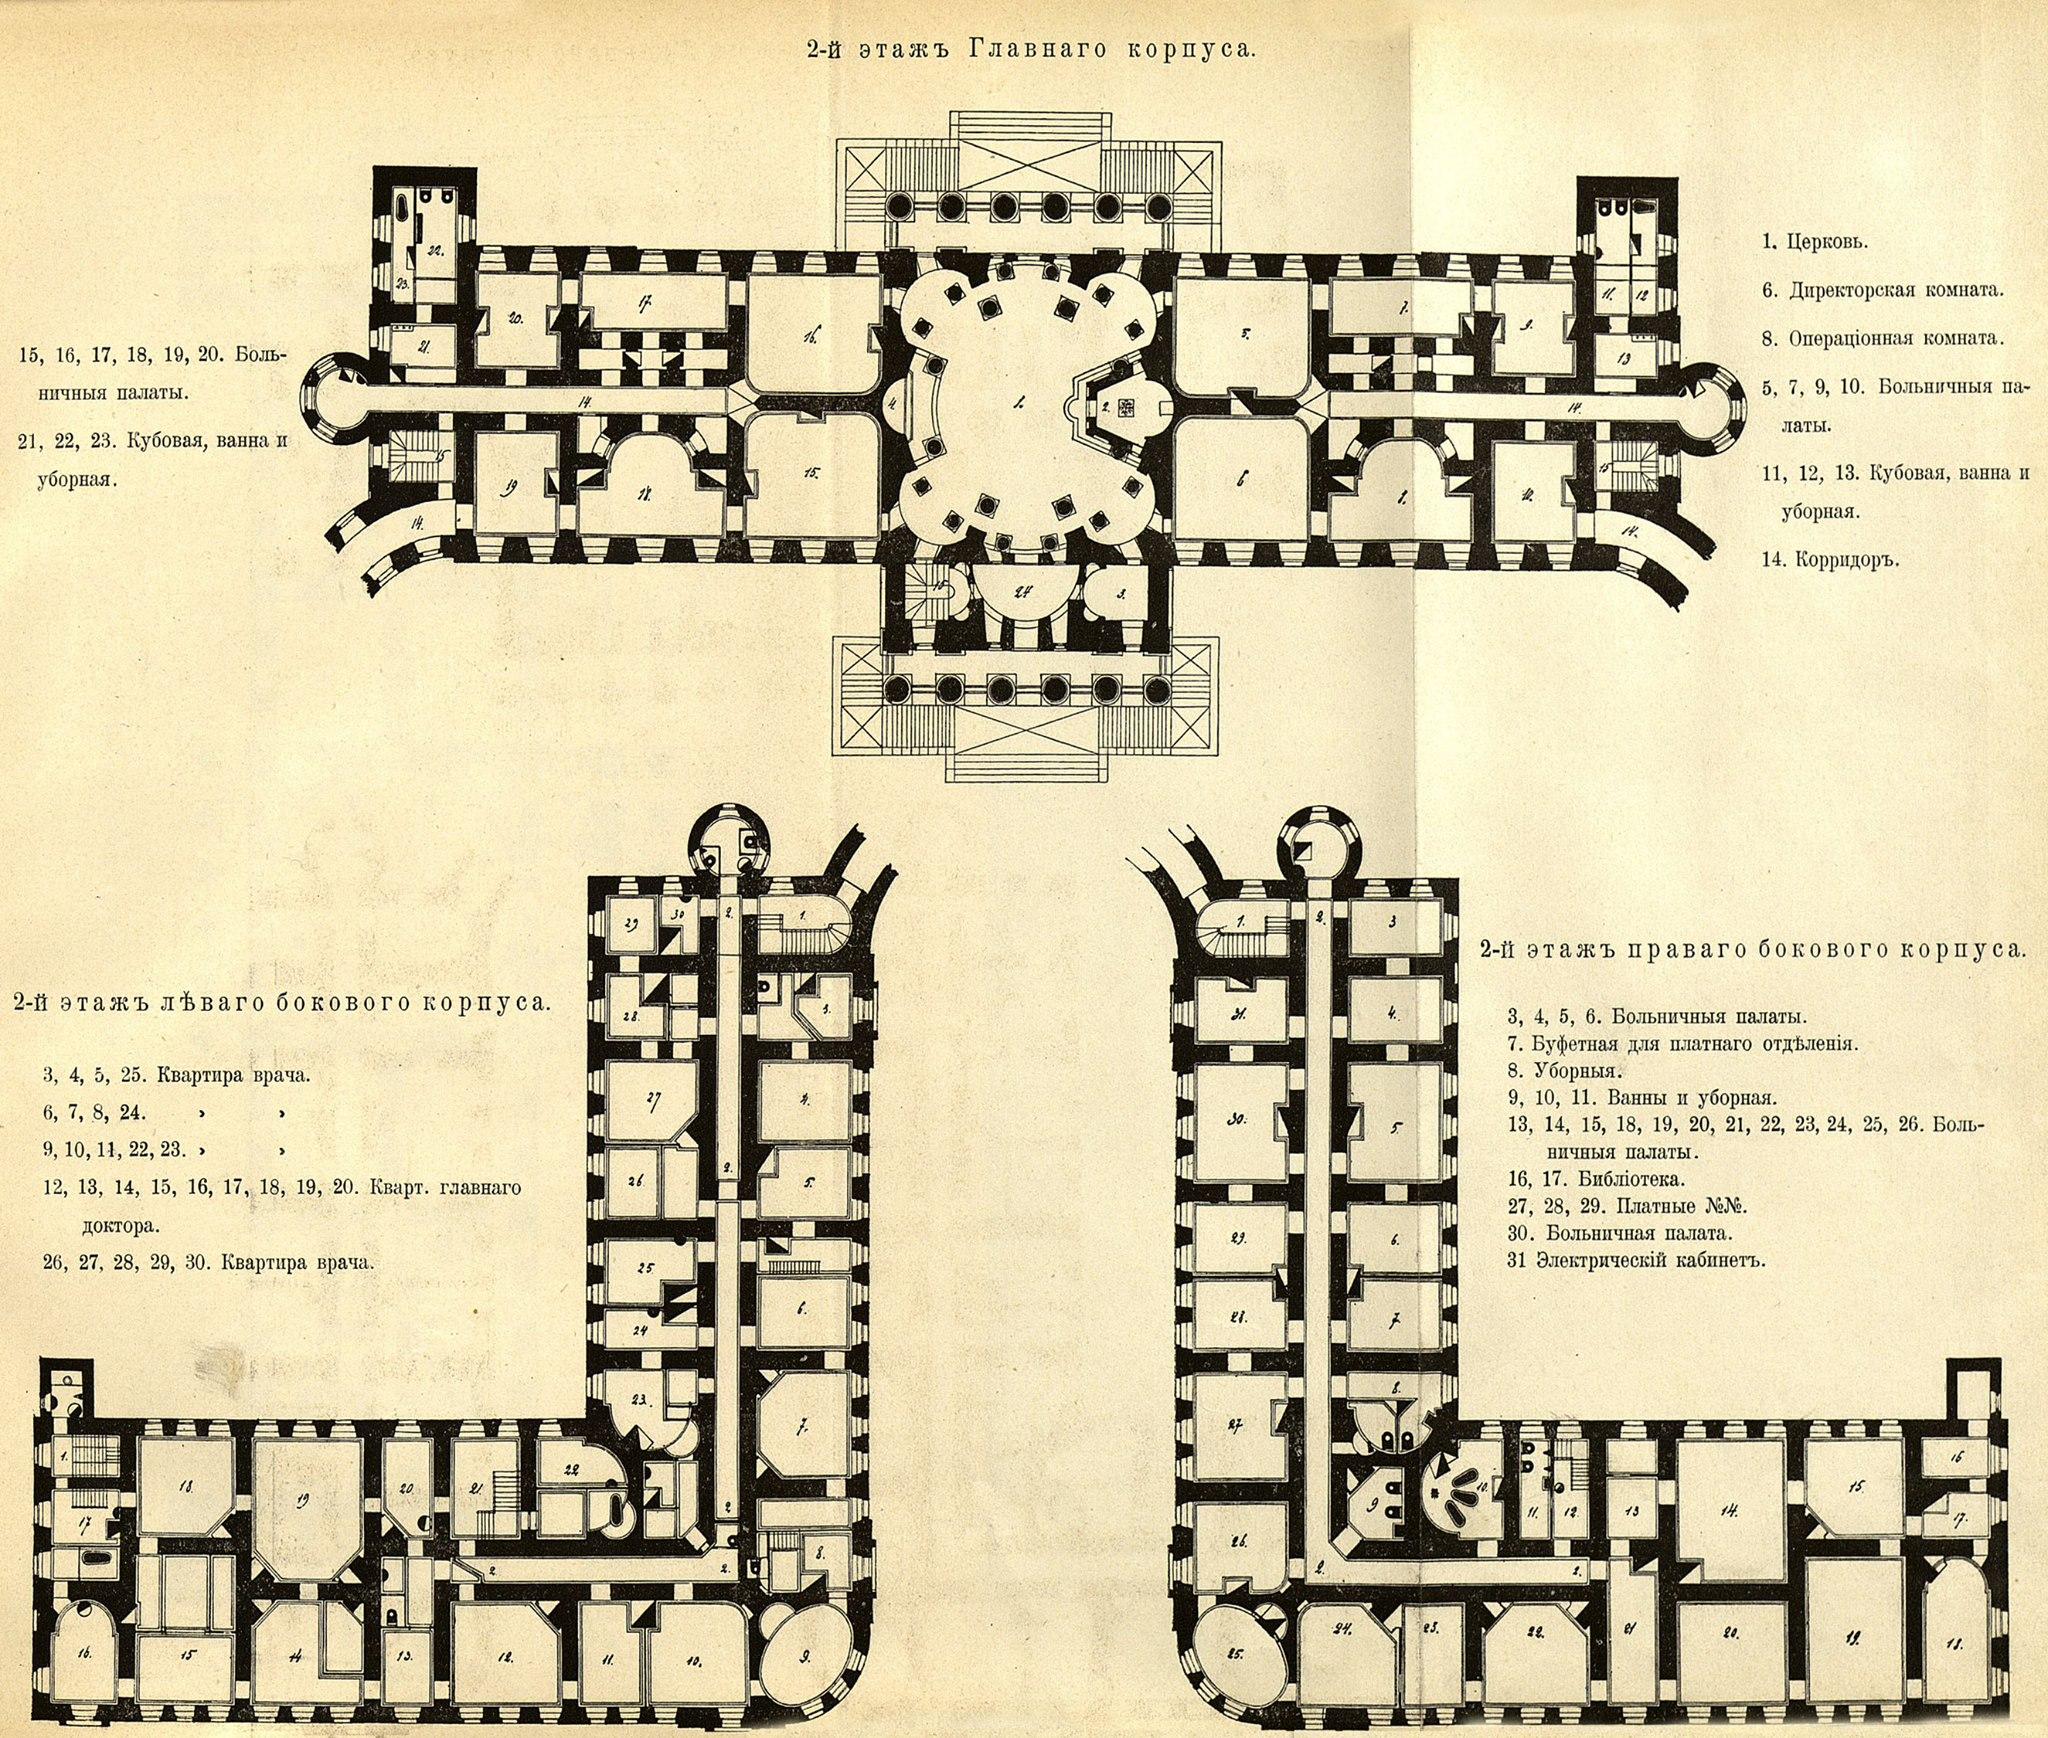 23. 2 этаж Главного Больничного корпуса